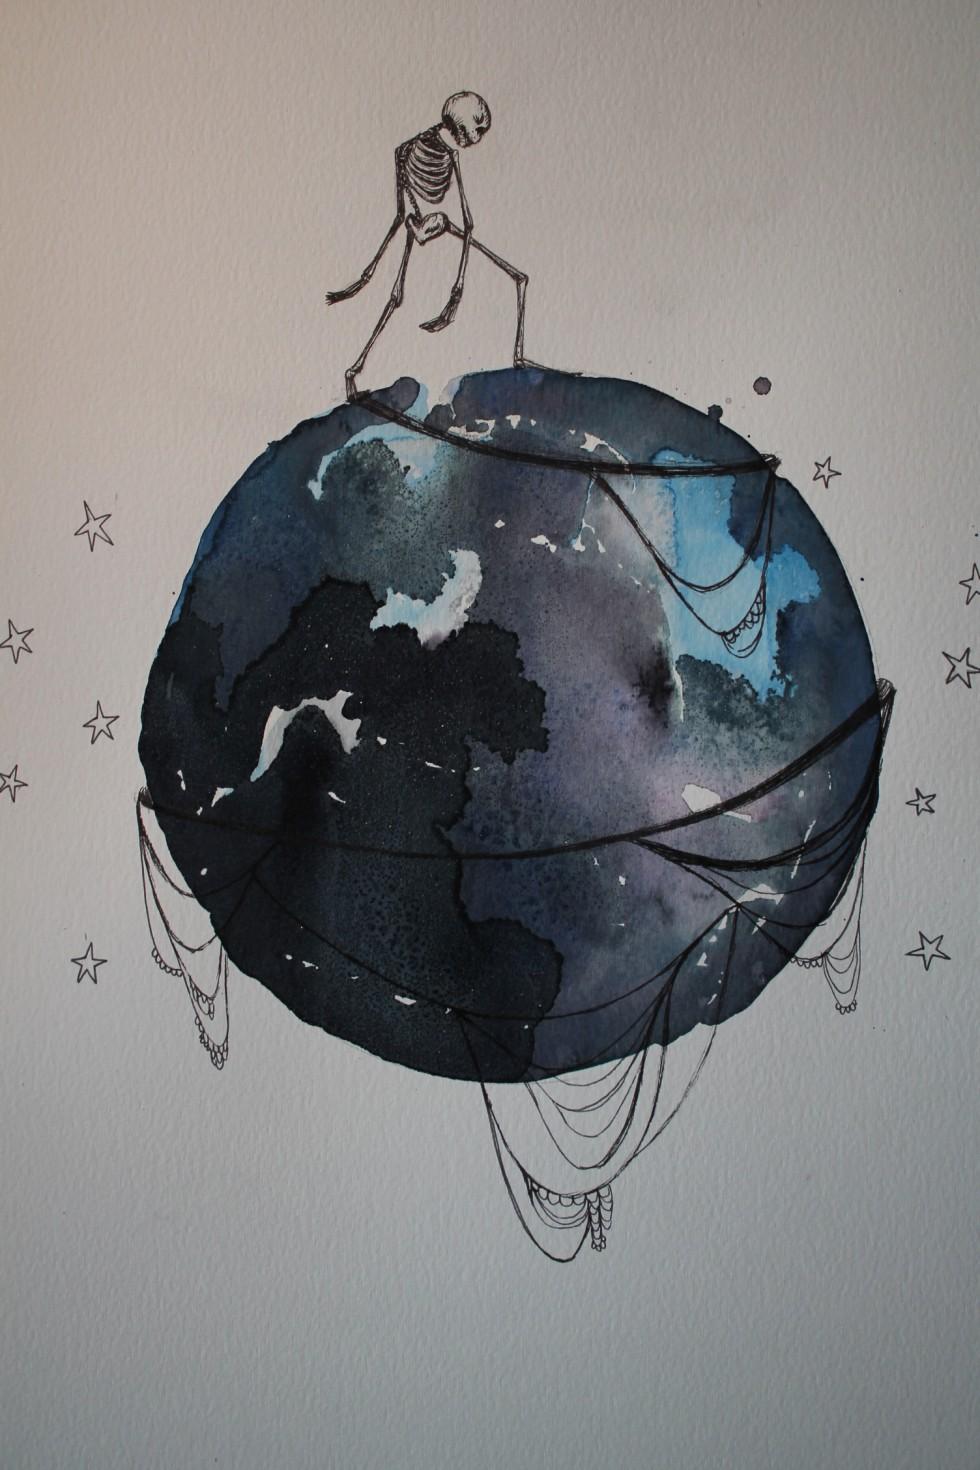 Akvarel og filtpen på A3 papir.